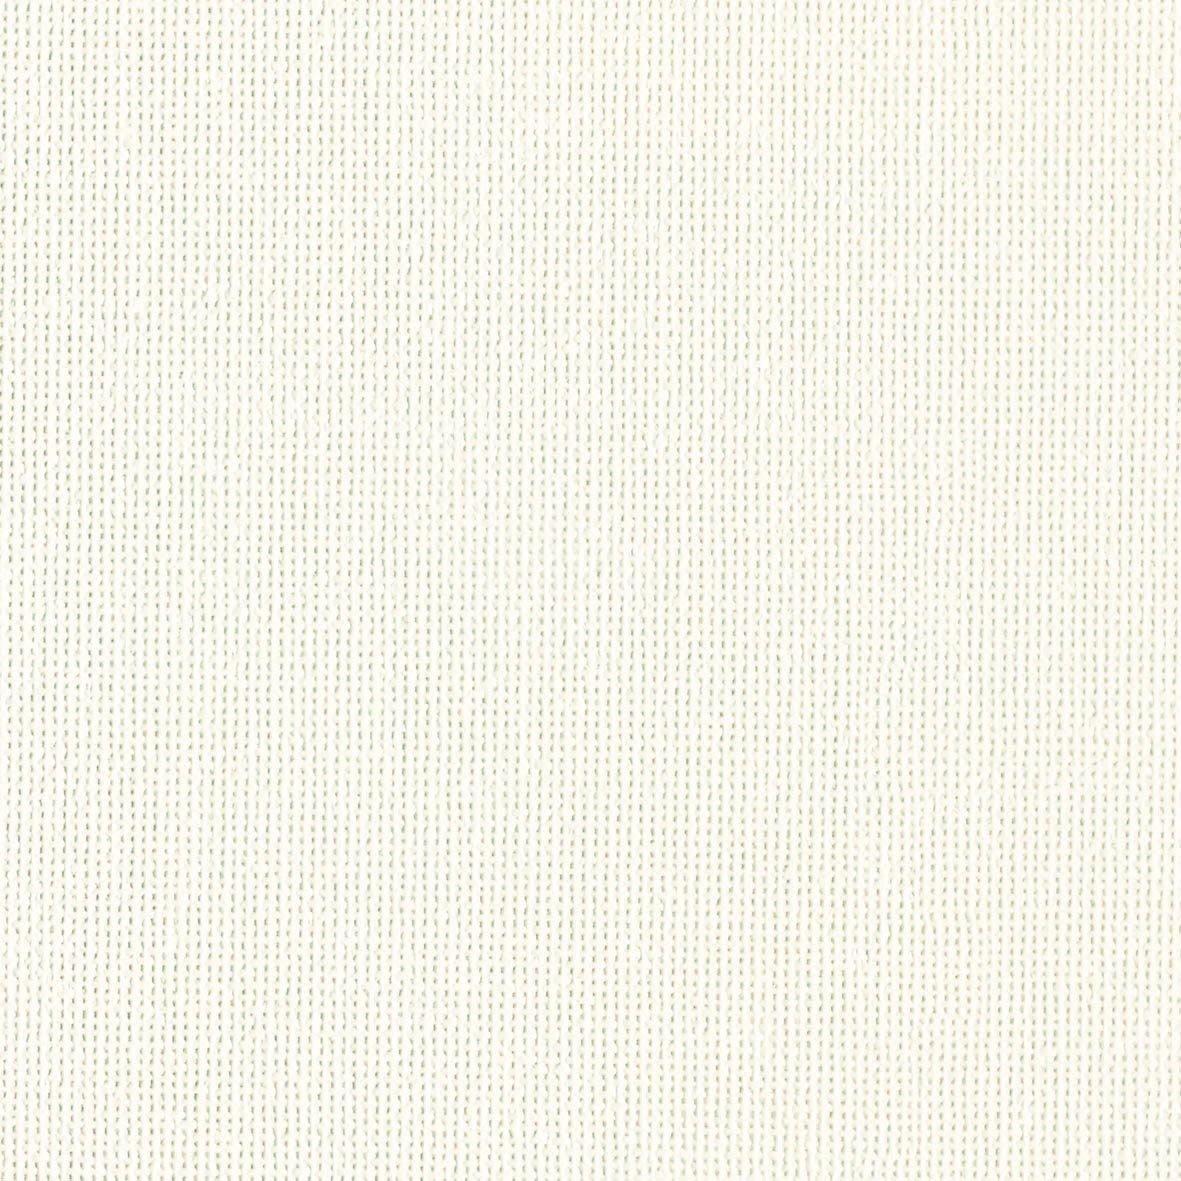 リリカラ 壁紙30m シンフル 織物調 ベージュ 撥水トップコートComfort Selection-Basic & Color- LW-2256 B07613QGRG 30m ベージュ1